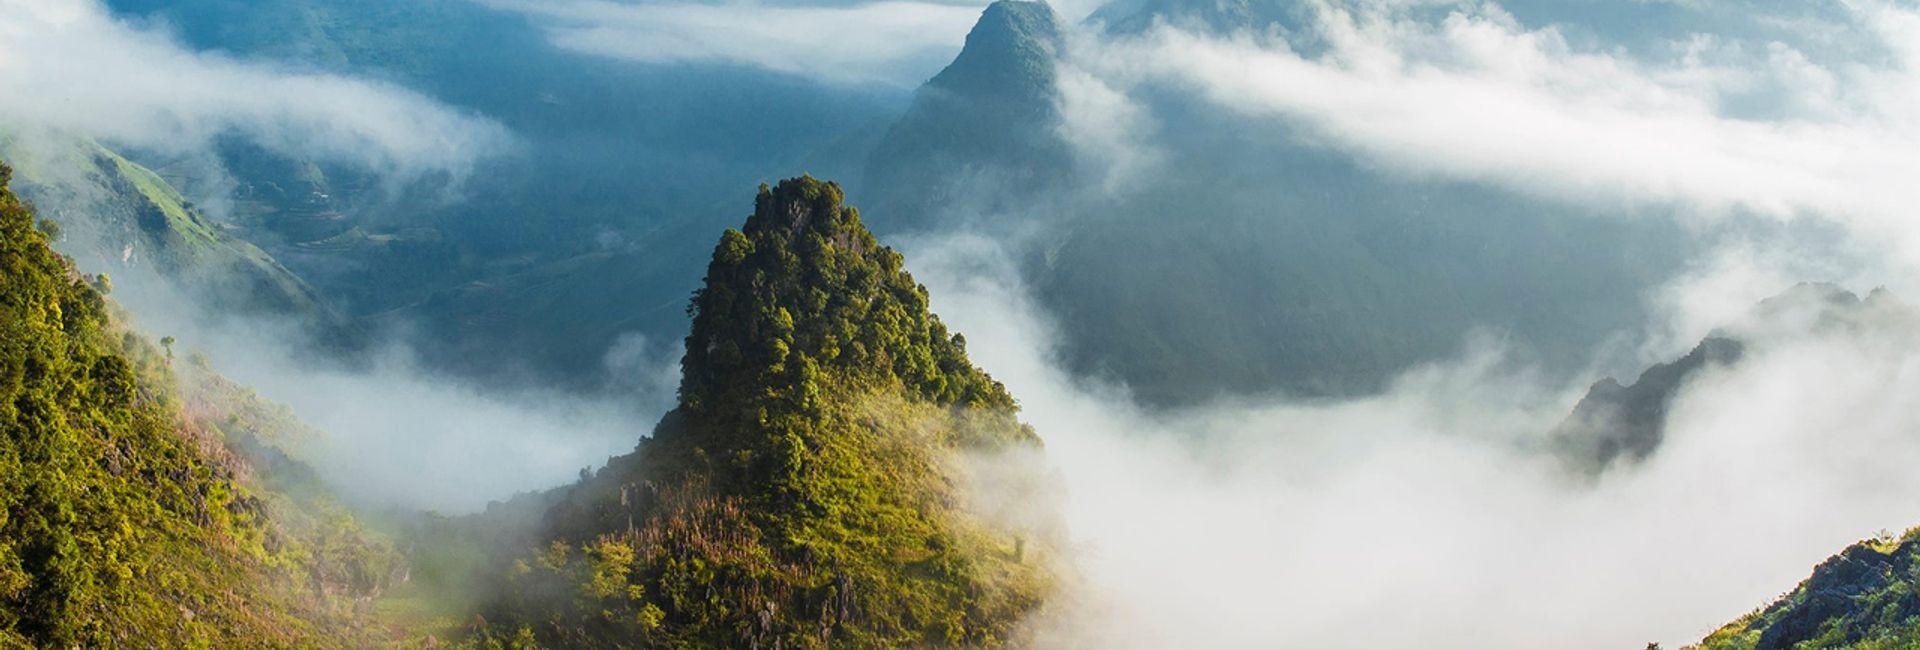 Kinh nghiệm du lịch Hà Giang 3 ngày 2 đêm